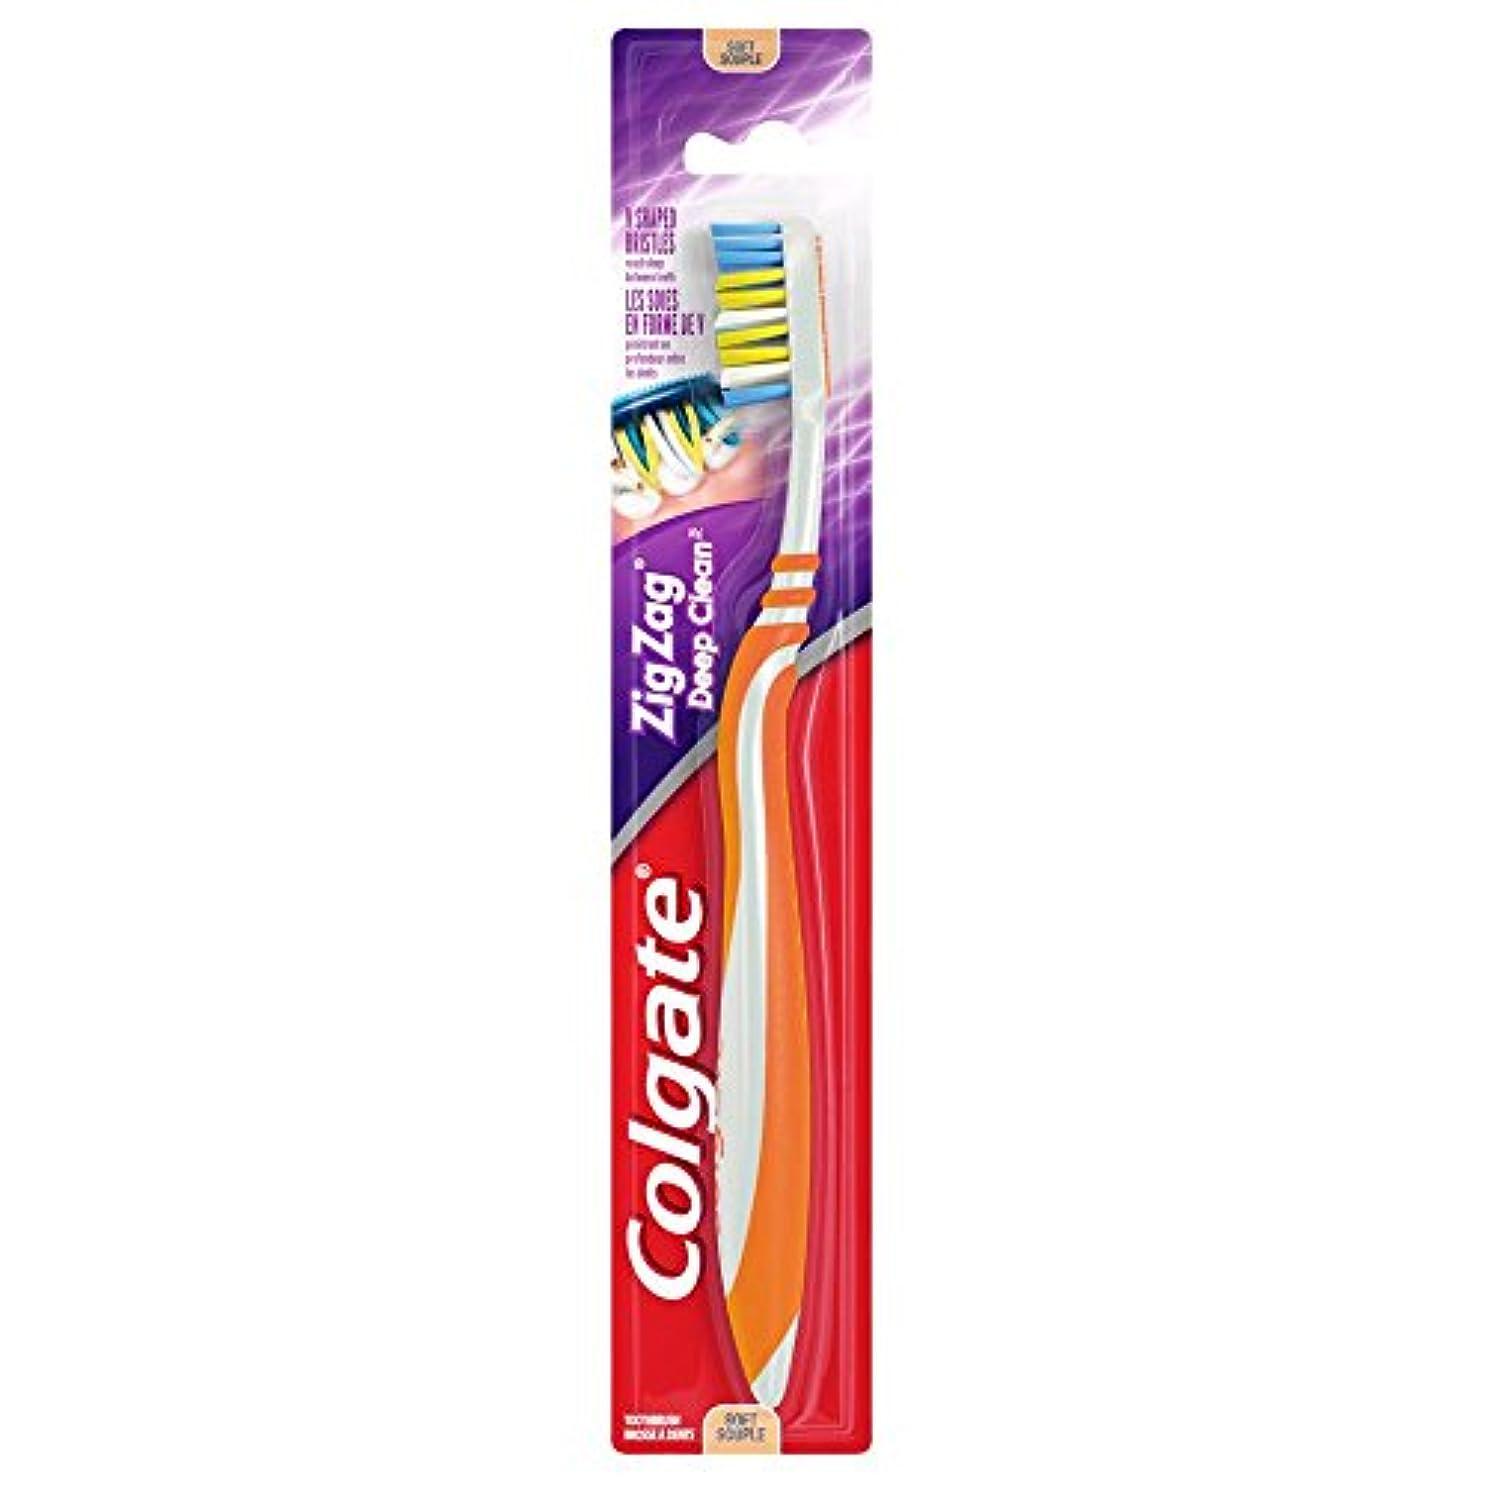 処方するキリスト精緻化Colgate ジグザグディープクリーン歯ブラシ、ソフト - 6パック